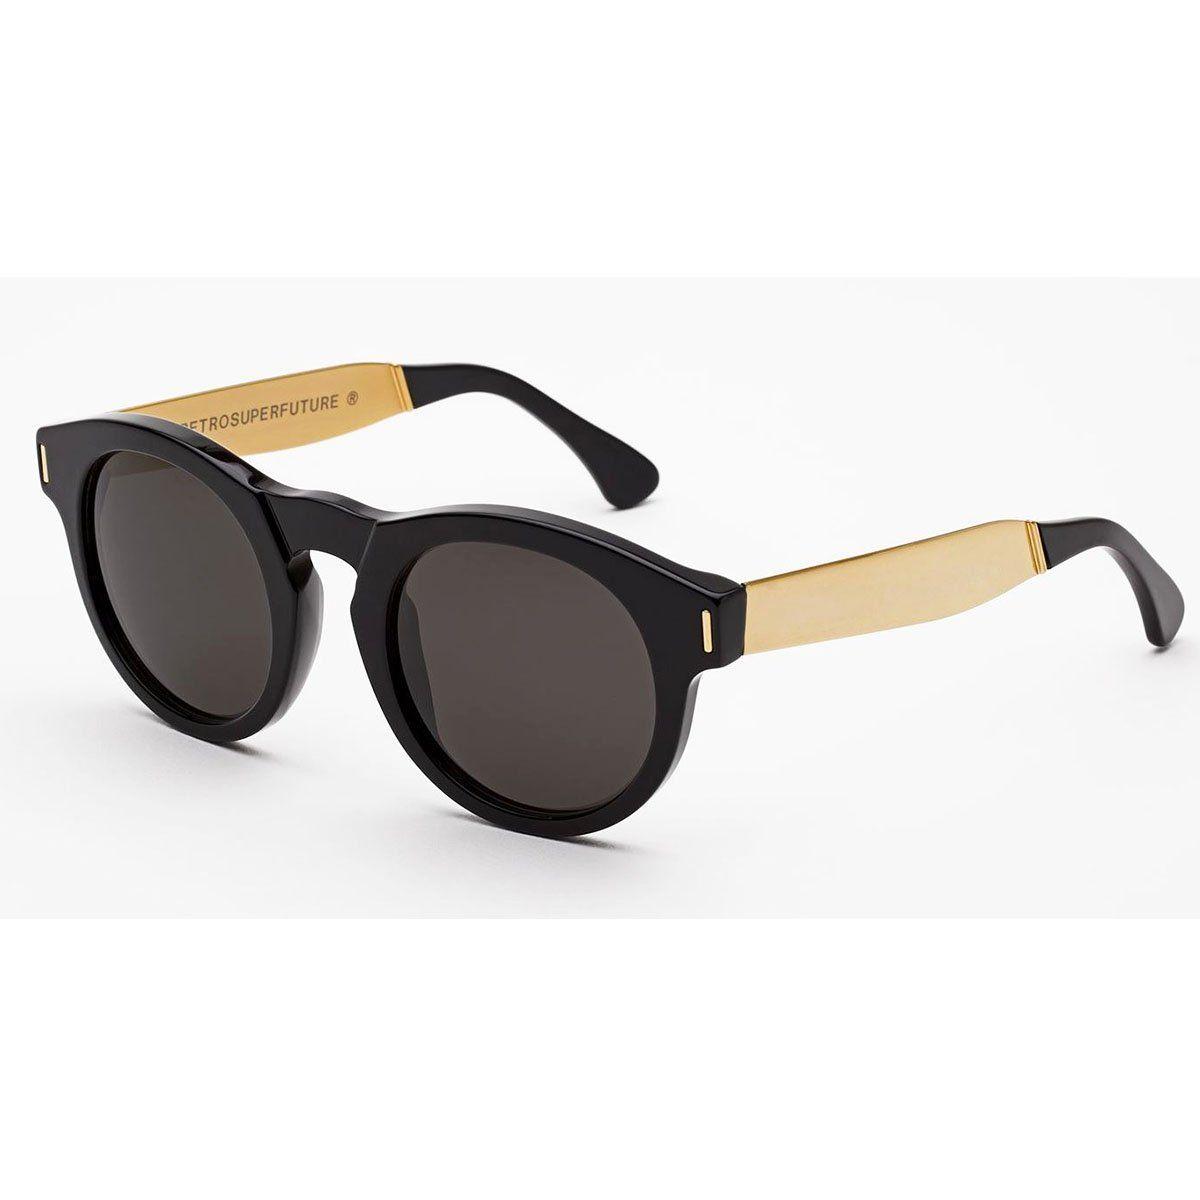 b56a7e96076 RetroSuperFuture Boy Francis Sunglasses in Black